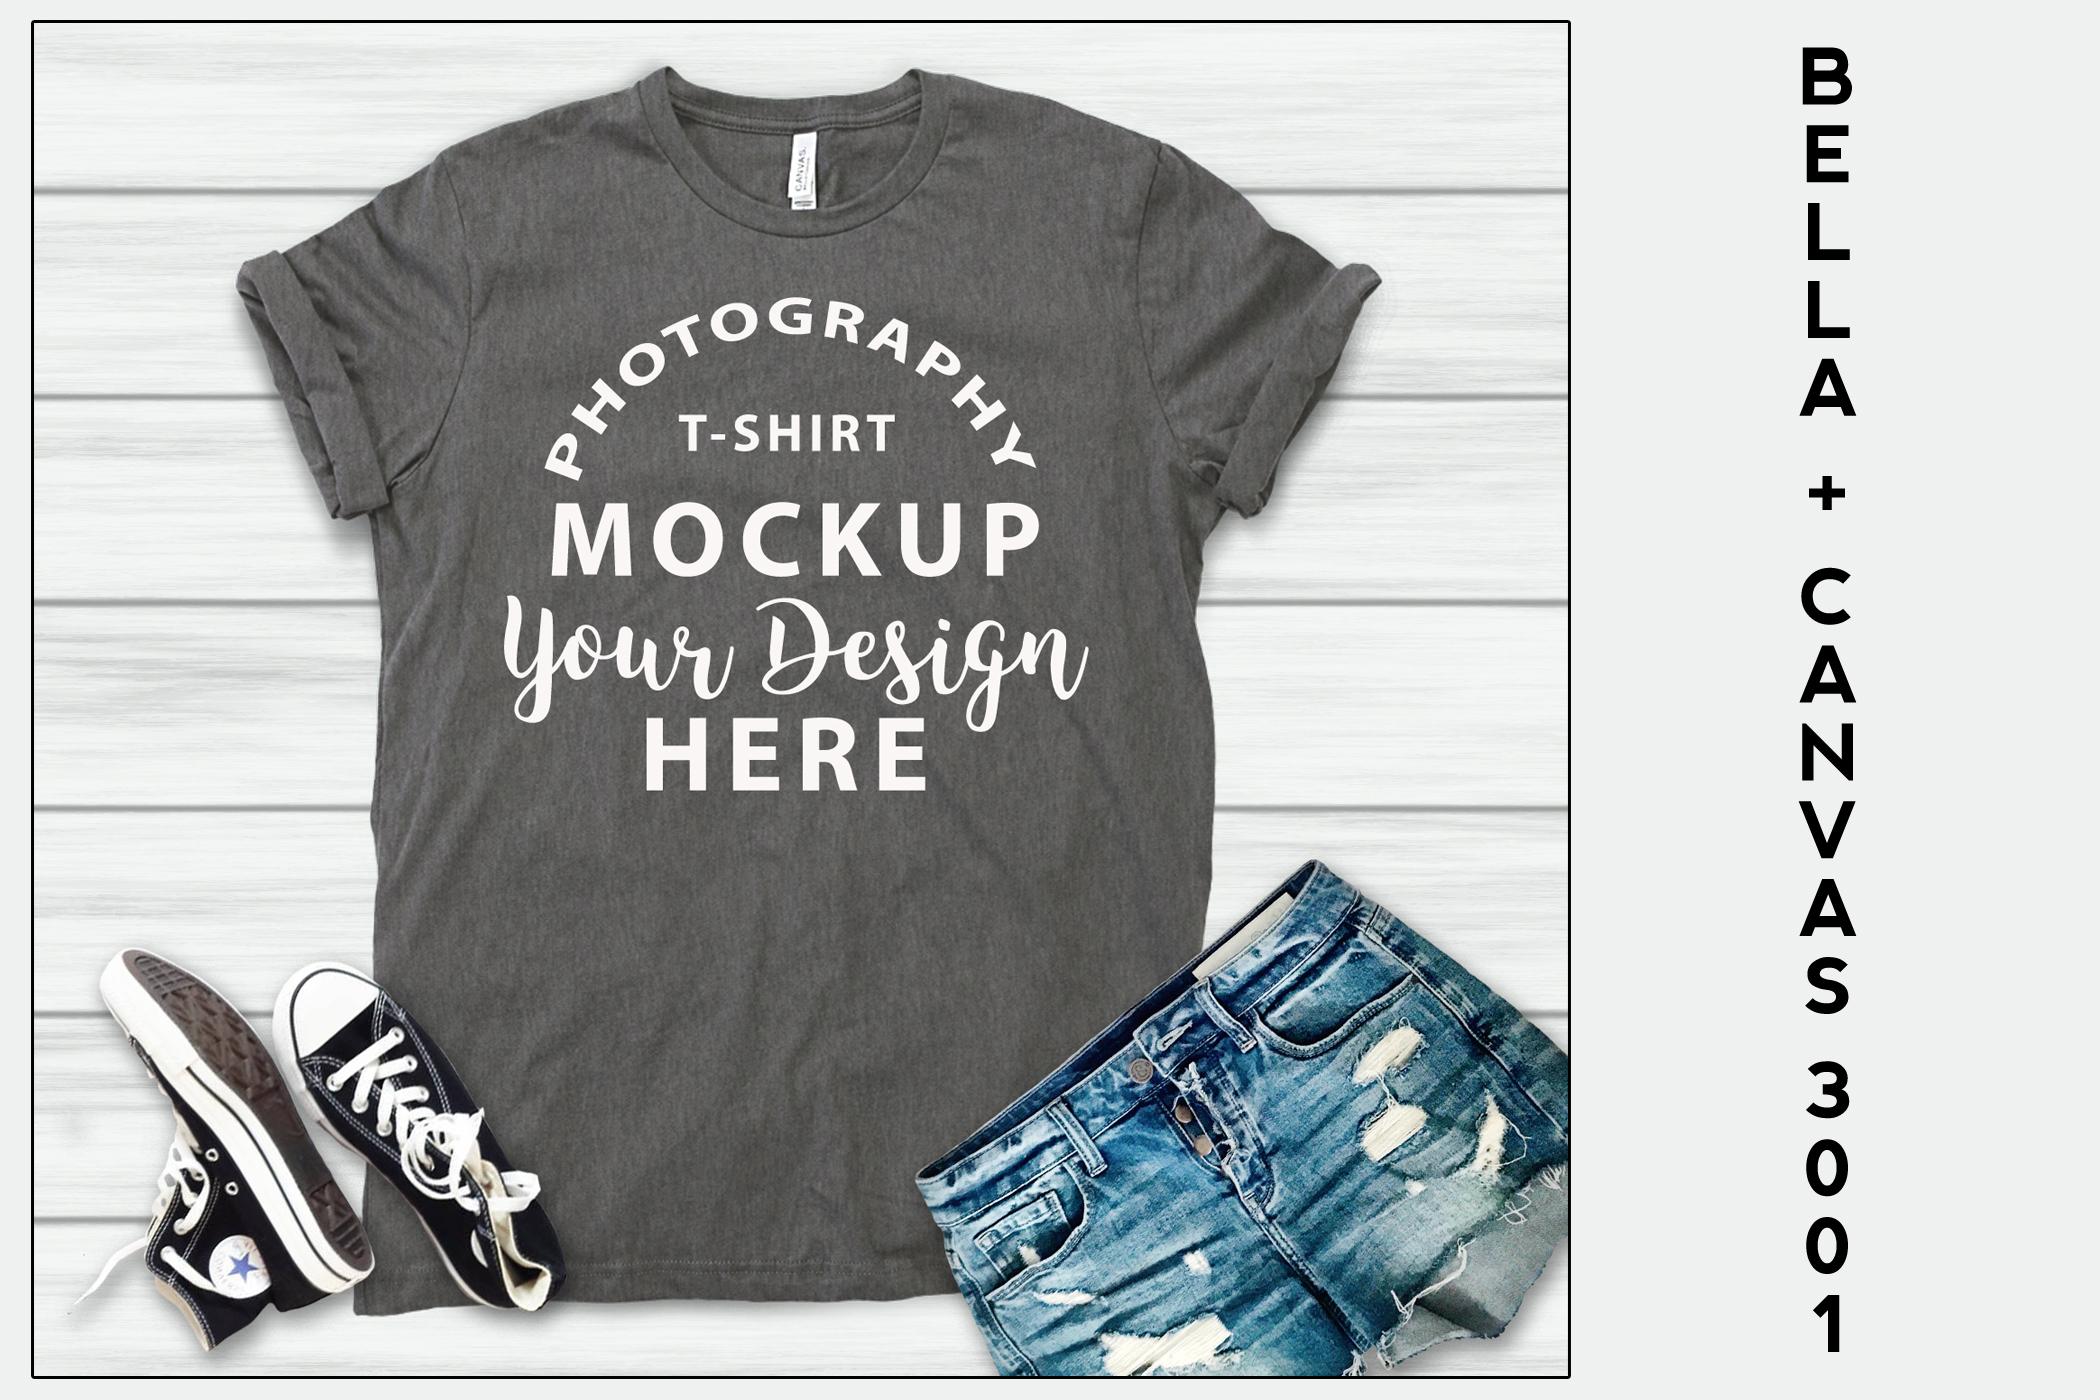 Bella Canvas 3001 T-shirt mock-up, color ASPHALT example image 1